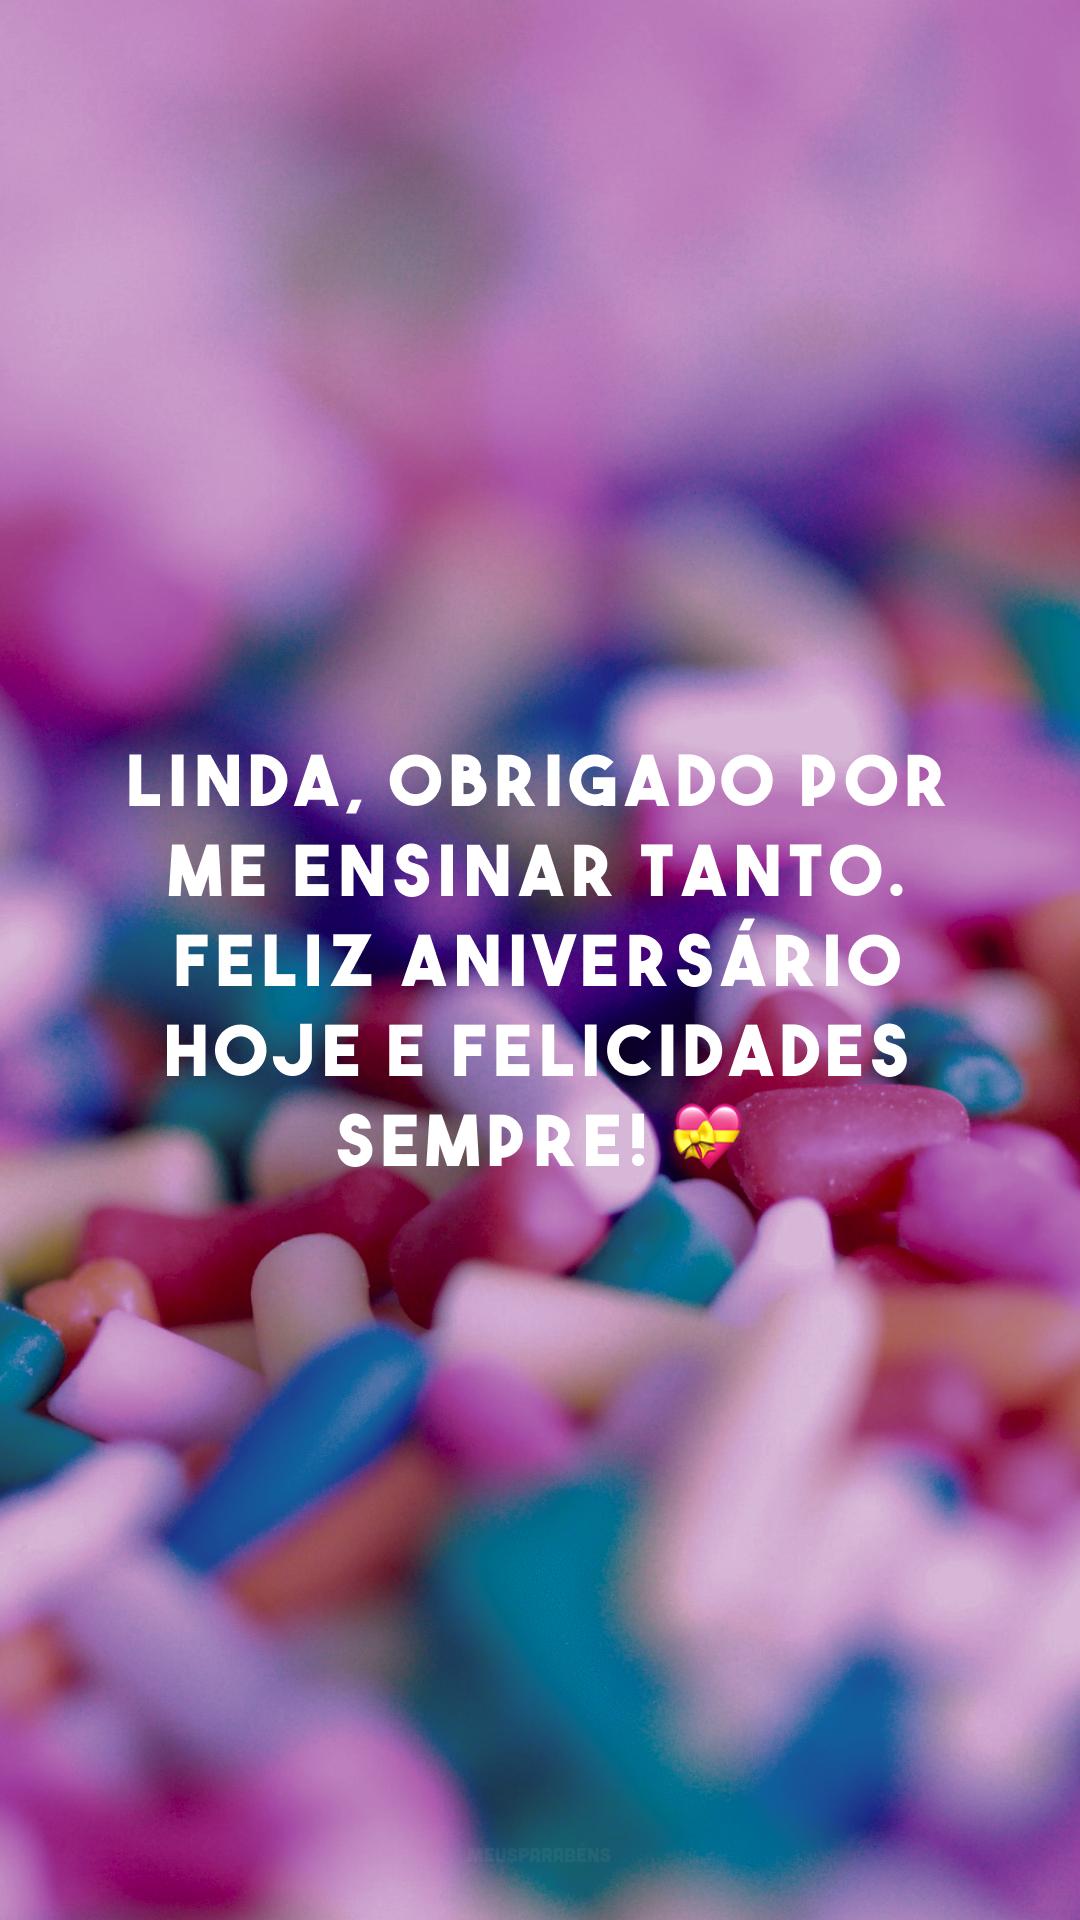 Linda, obrigado por me ensinar tanto. Feliz aniversário hoje e felicidades sempre! 💝